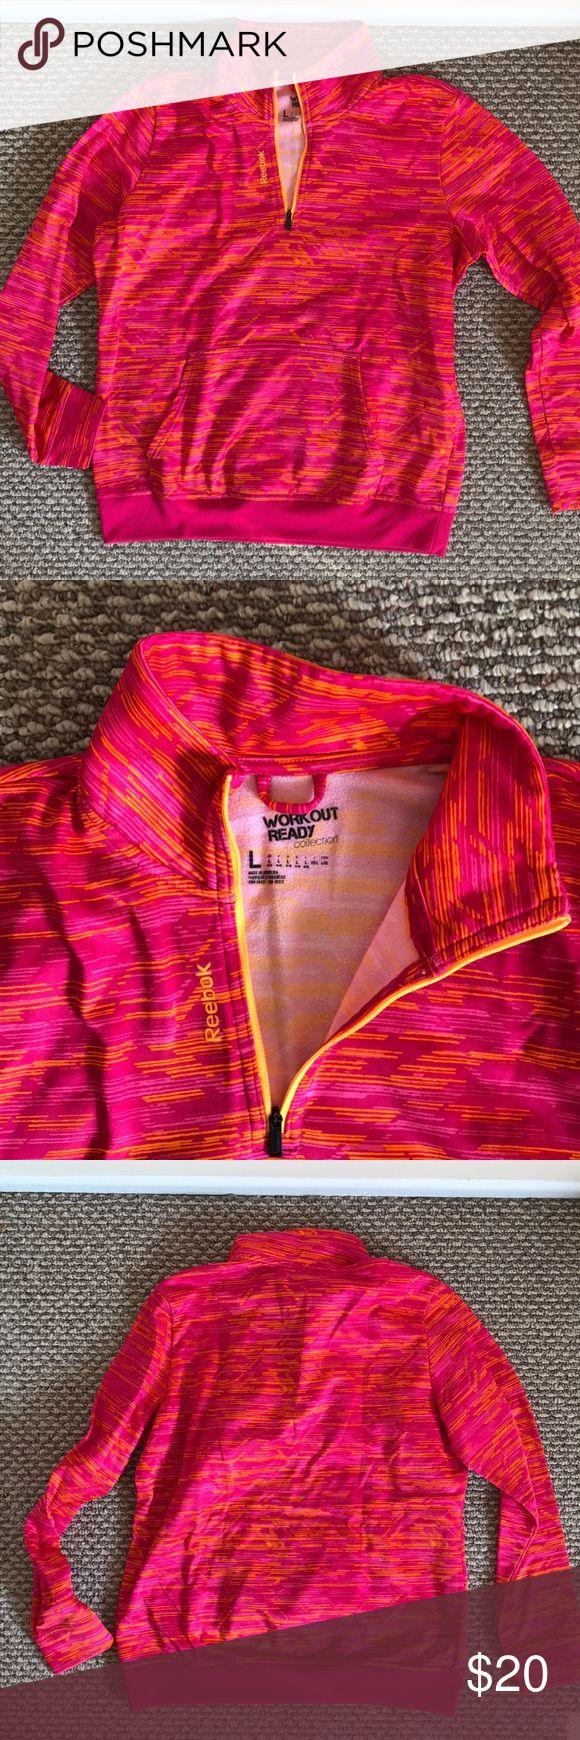 Zip up sweatshirt - reebok Pink and orange zip up sweatshirt - reebok Reebok Tops Sweatshirts & Hoodies